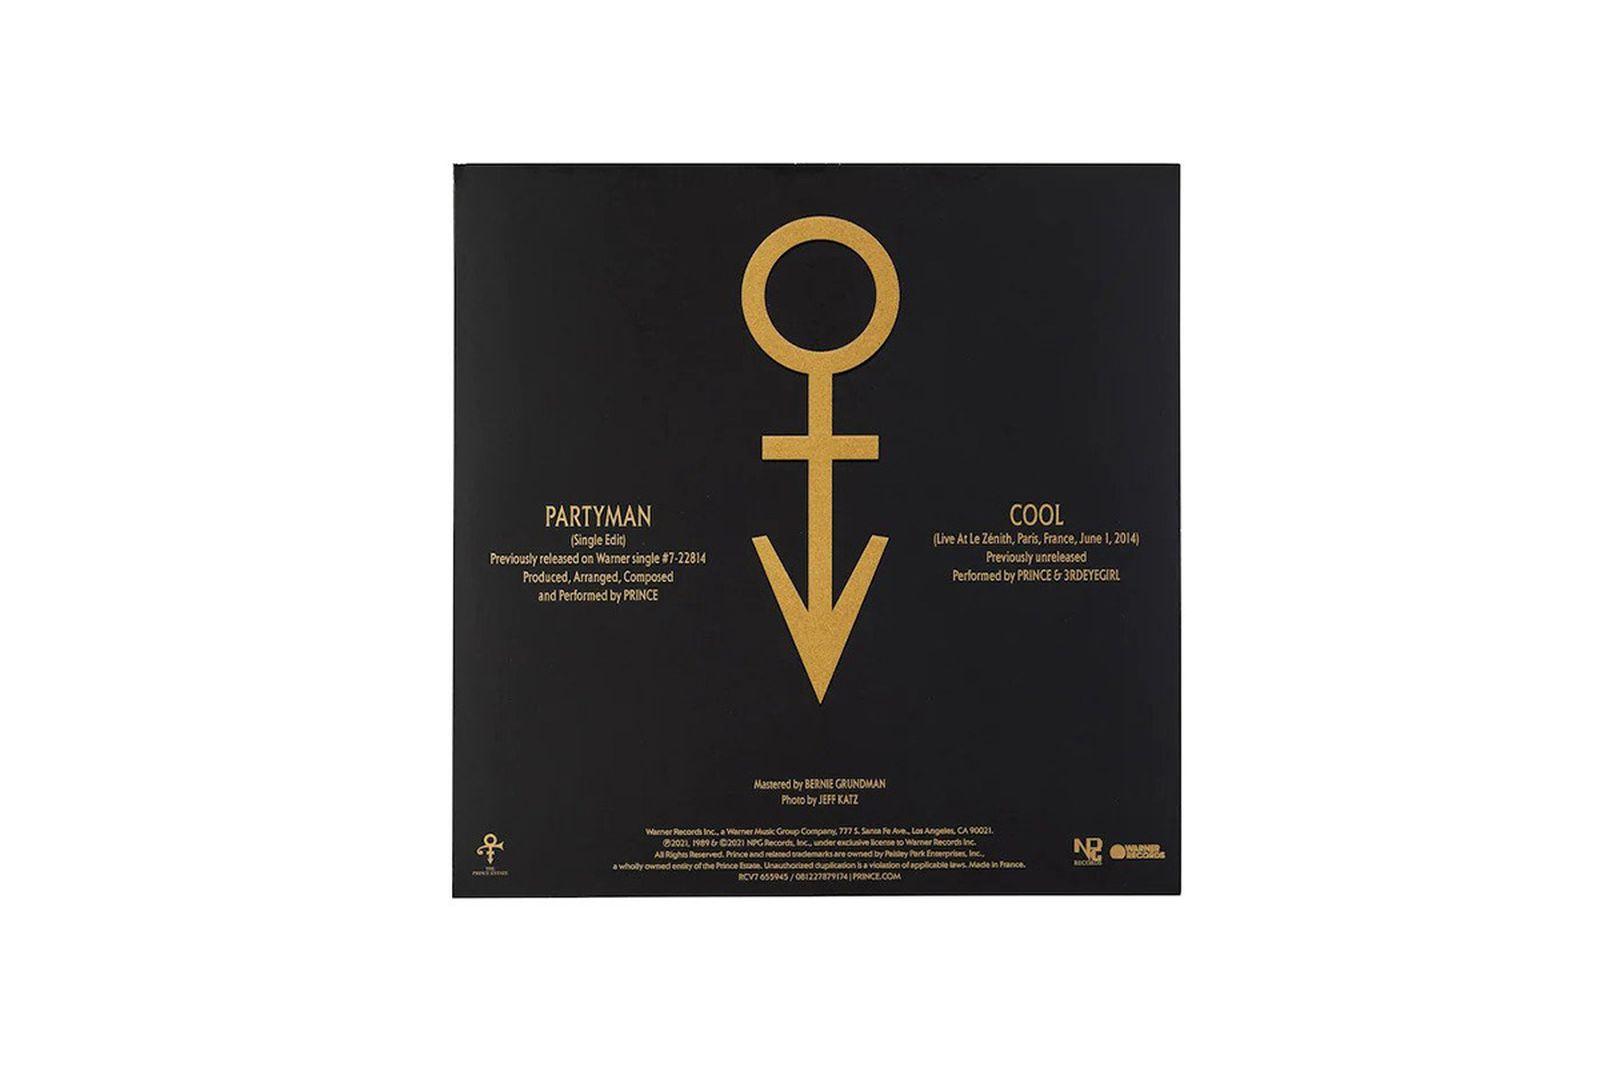 paris-saint-germain-prince-exclusive-collection-03